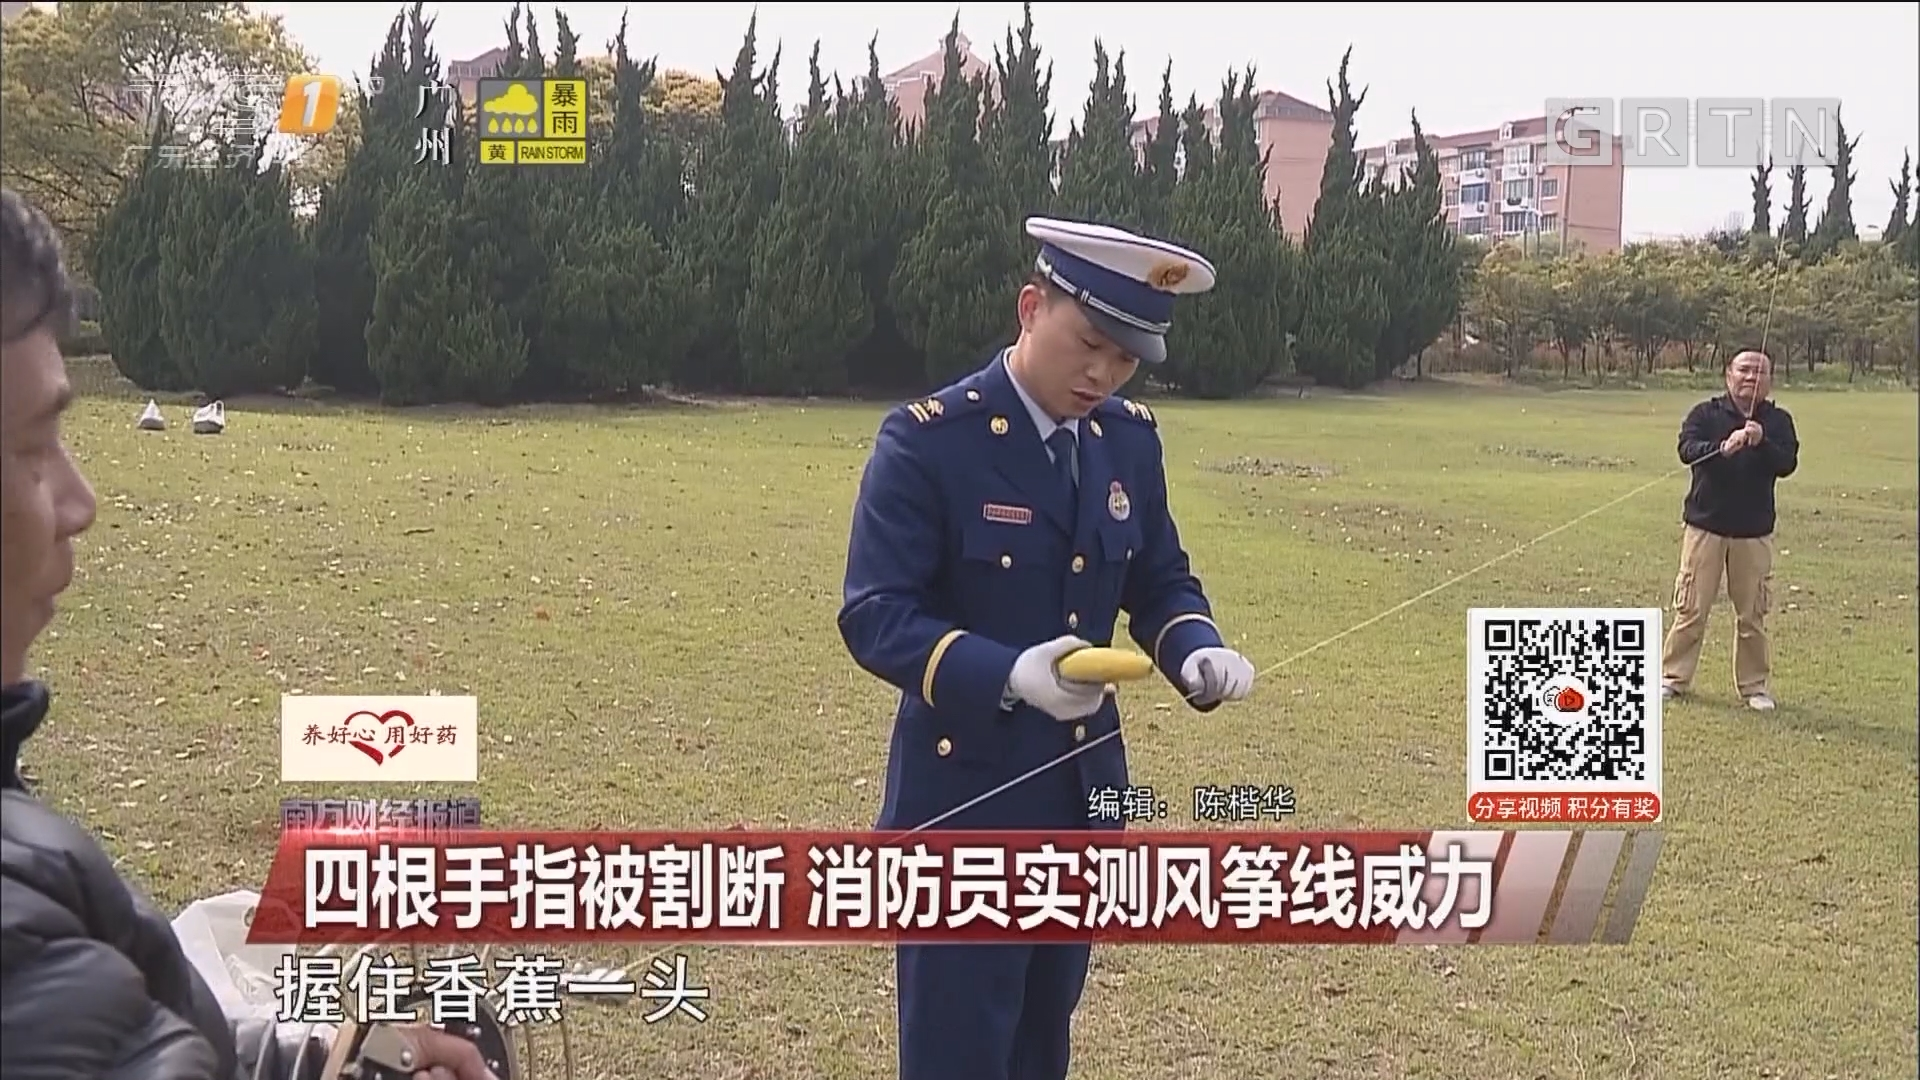 四根手指被割断 消防员实测风筝线威力